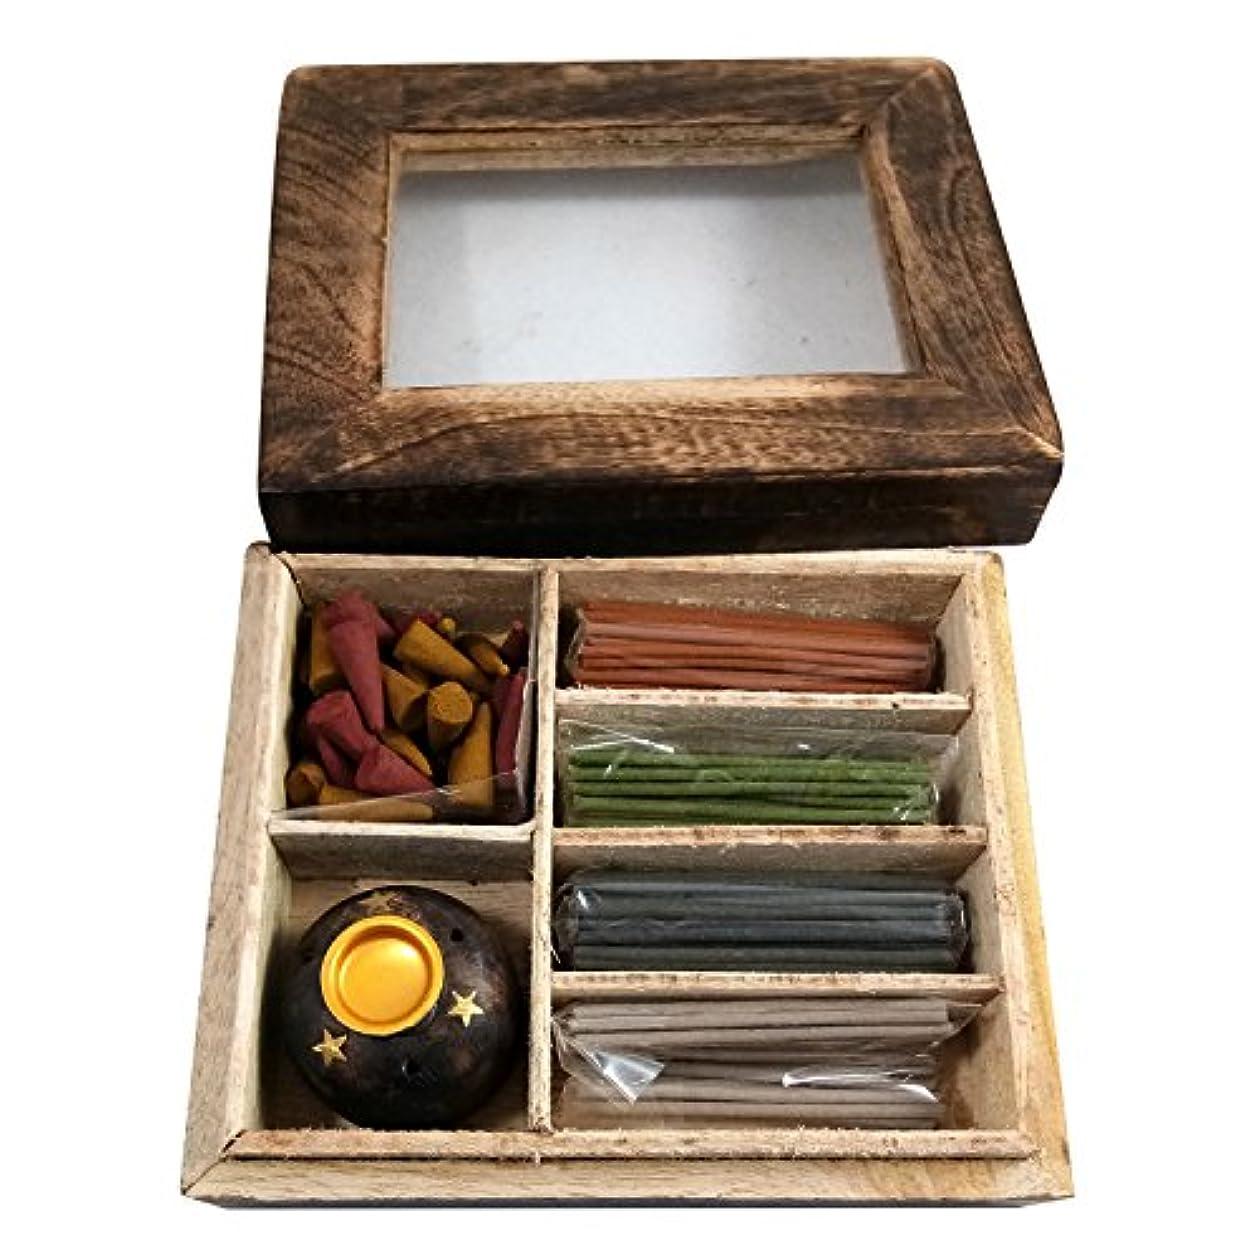 自分ニコチンブラシ手作りの木製工芸品の香りスティックボックスギフトパックの用途ホームフレグランス目的、個人&企業の贈り物|スティック&スタンド付きスティックギフトパック